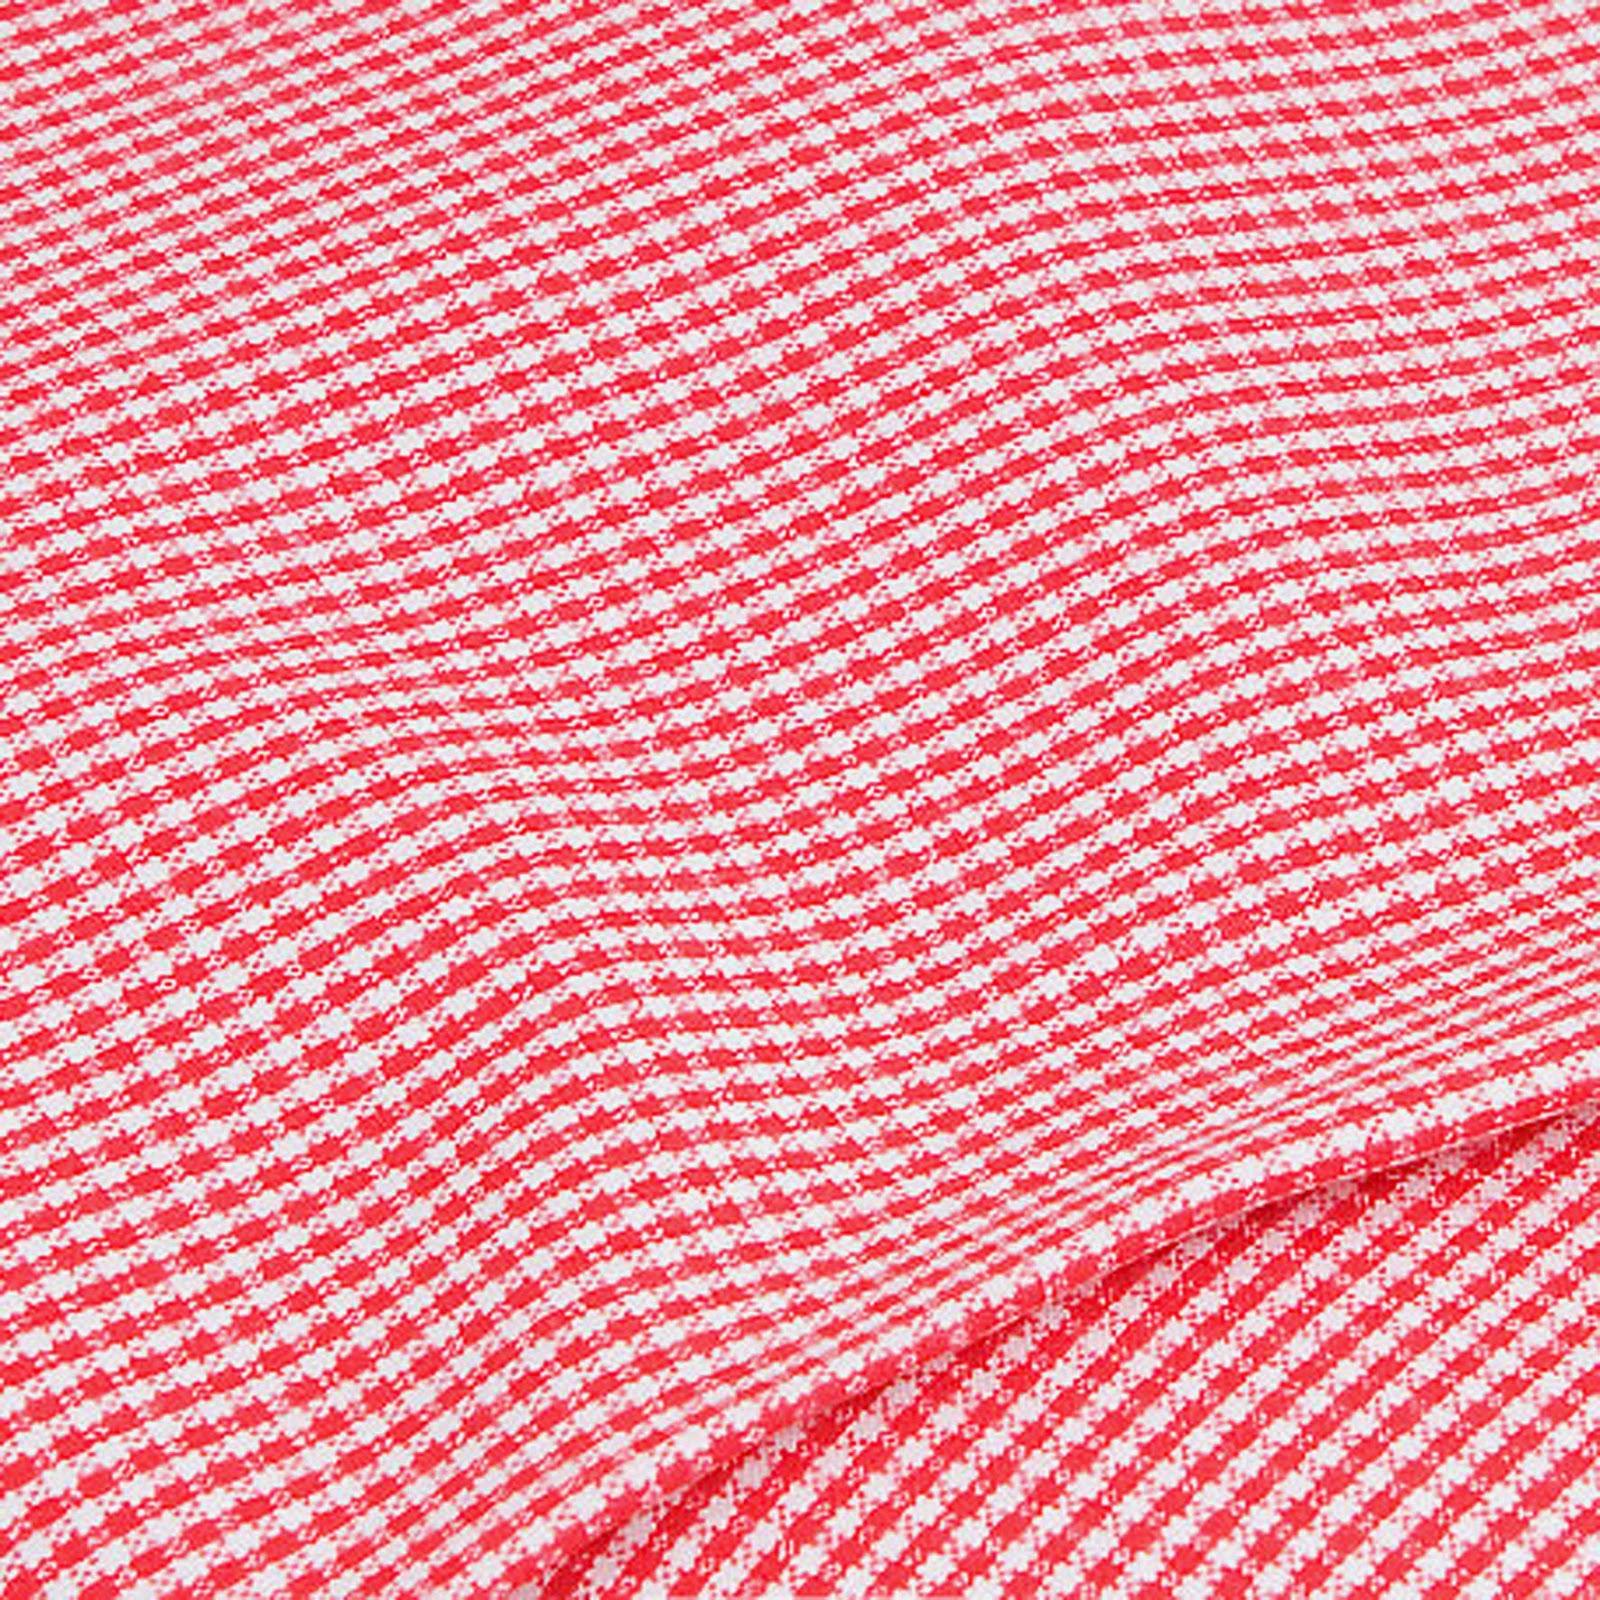 Ткани для лоскутного шитья